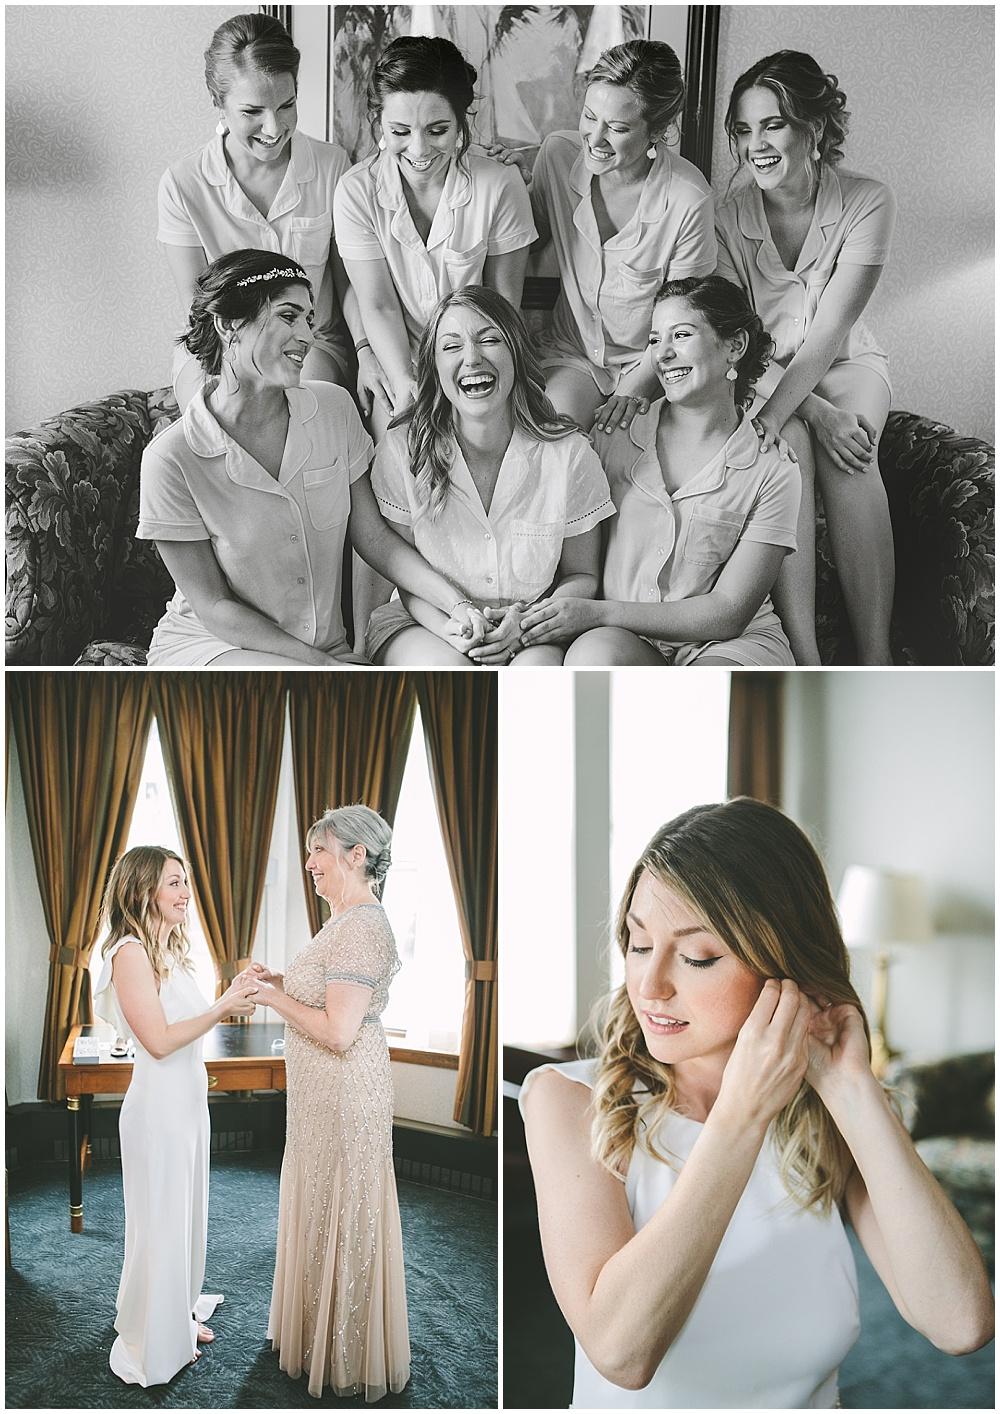 A garden-inspired Purdue University wedding | Purdue alumni wedding, shively club wedding, boilermaker wedding, blush wedding, bridesmaids getting ready, bridal details, bridal portraits